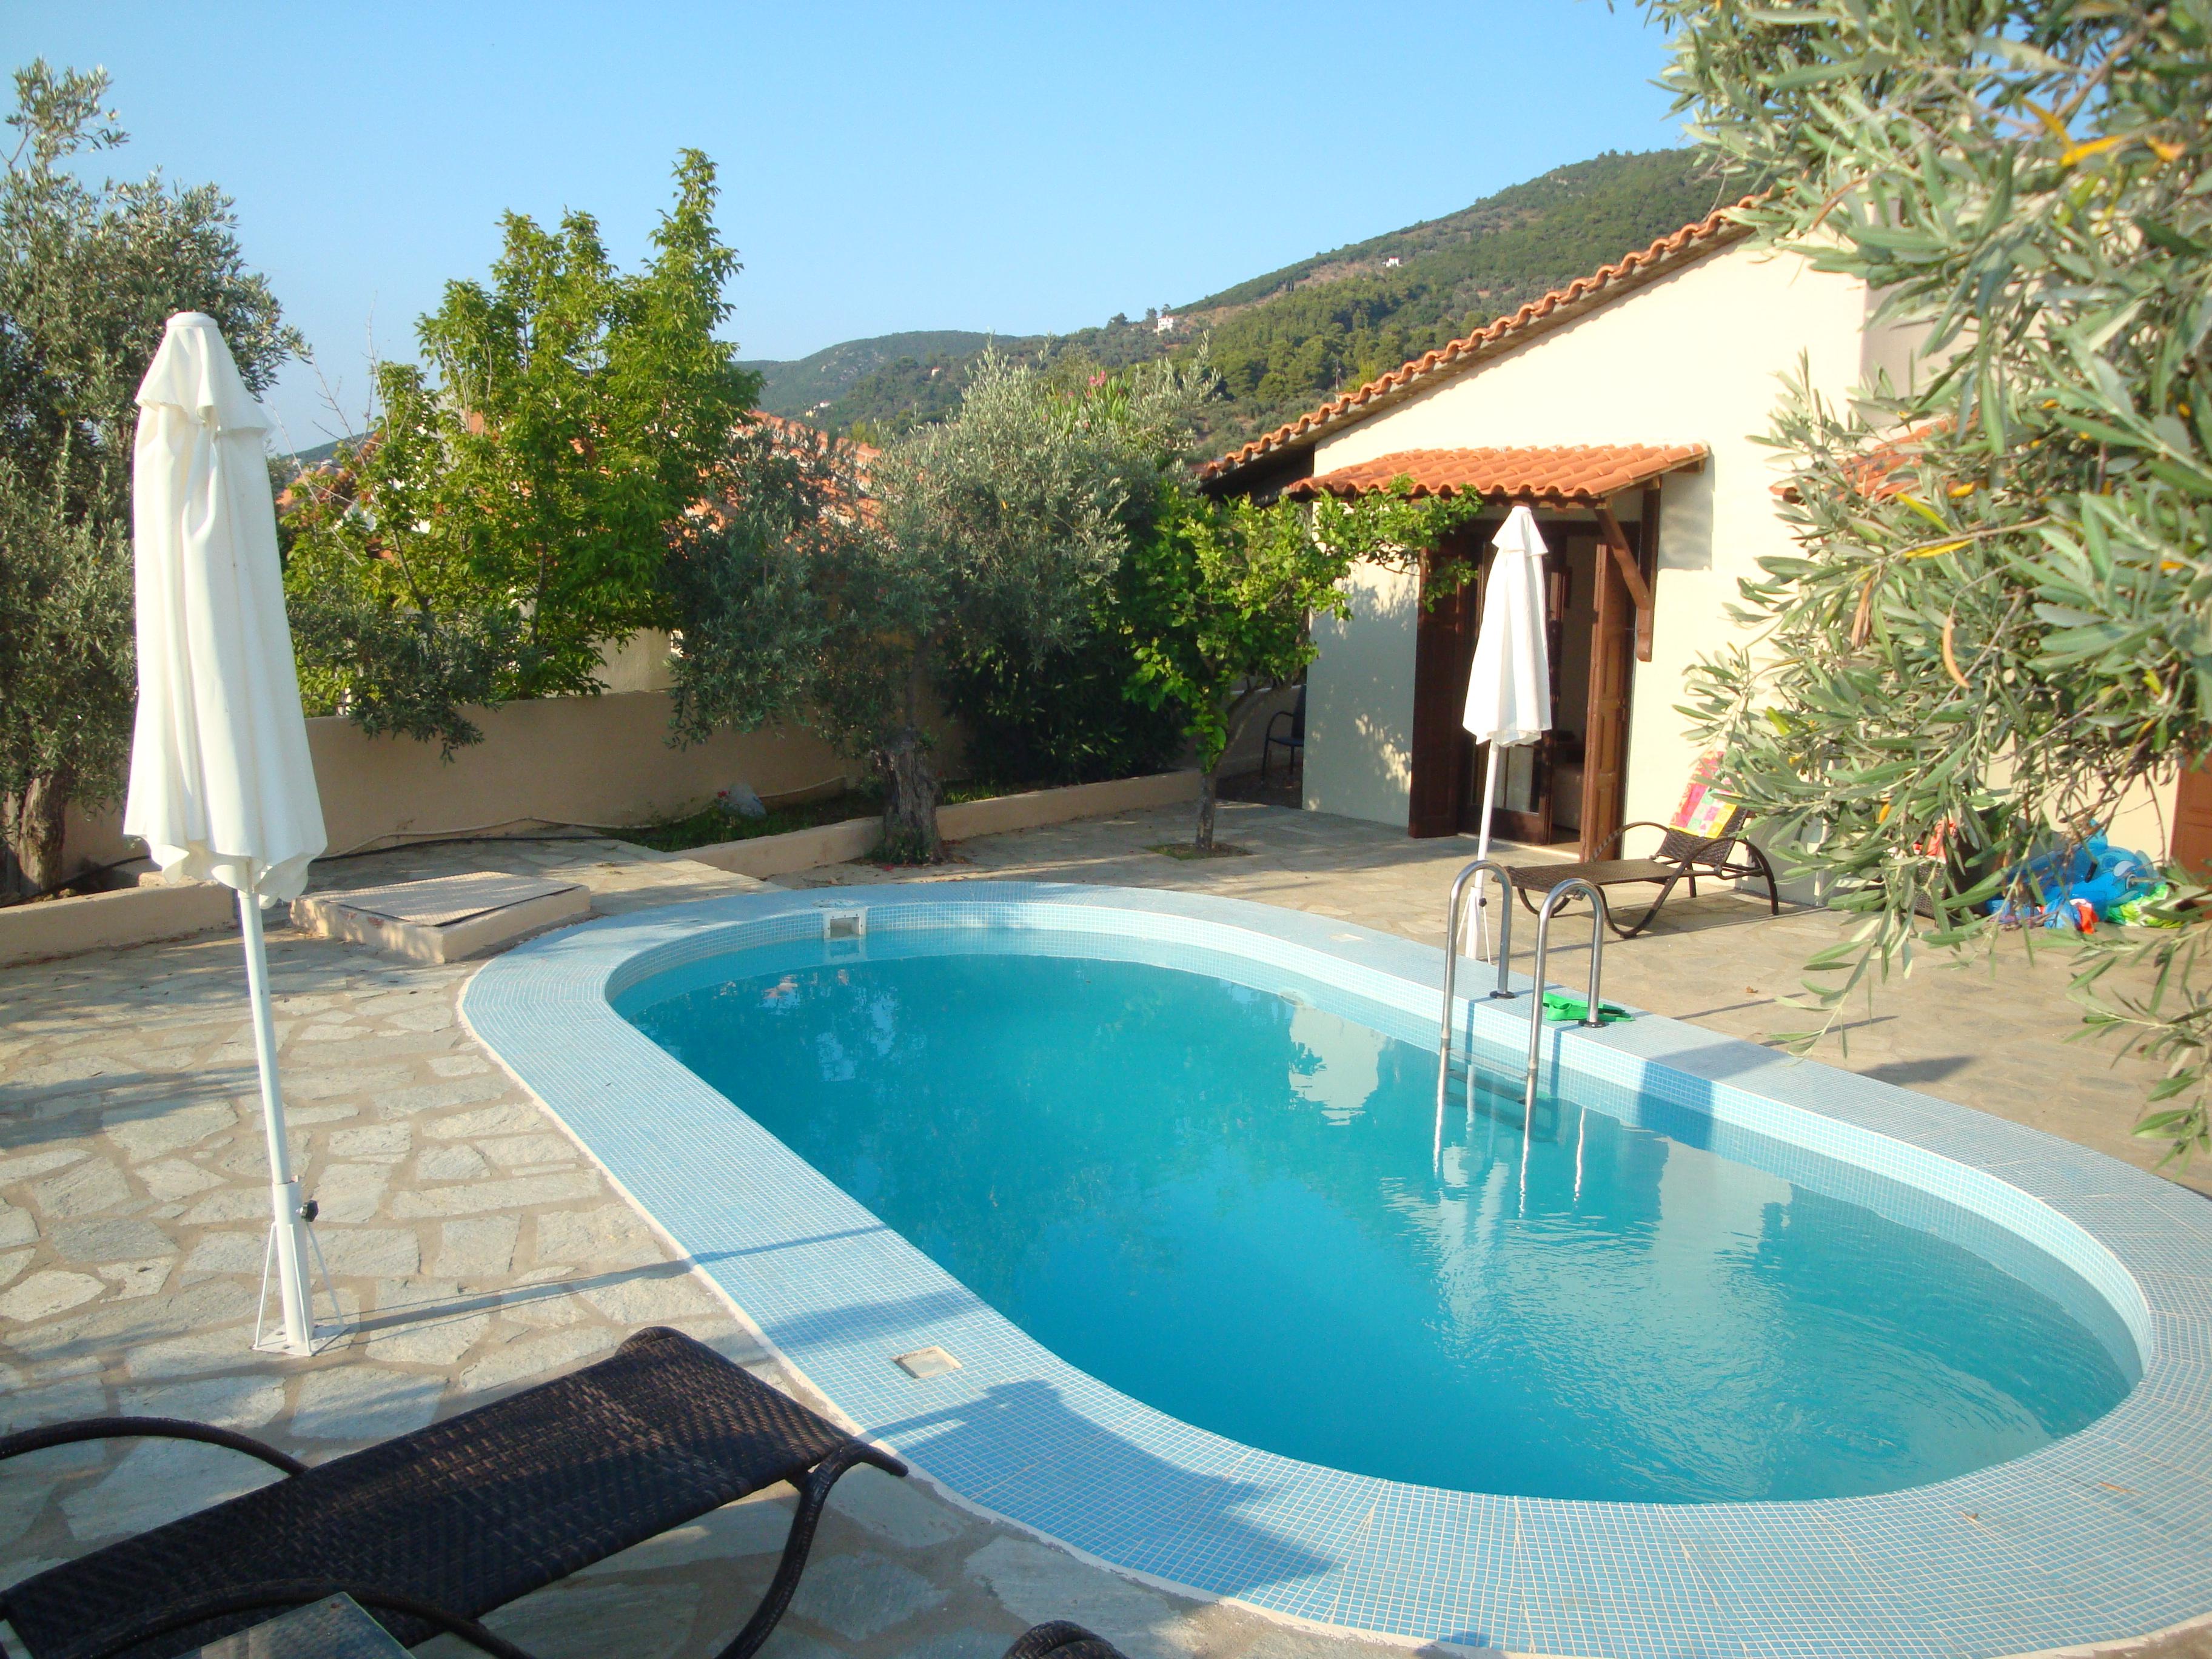 094. Внутренний дворик бунгало - Отель Skopelos Holidays Hotel and SPA